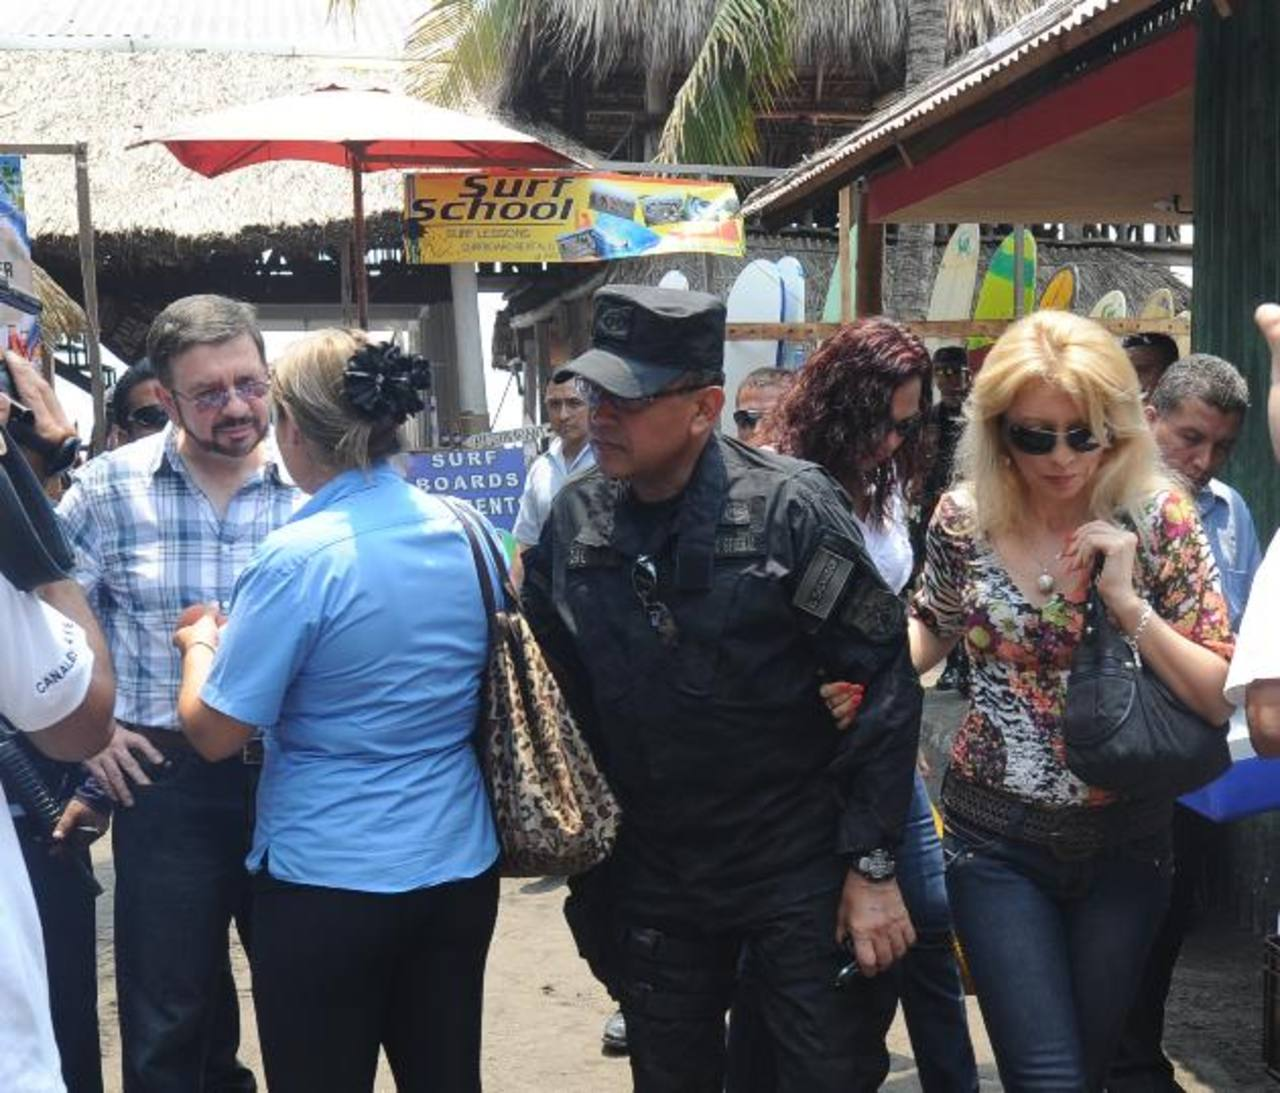 Funcionarios de seguridad supervisaron ayer los planes policiales en playas de La Libertad. Foto EDH / Douglas Urquilla,